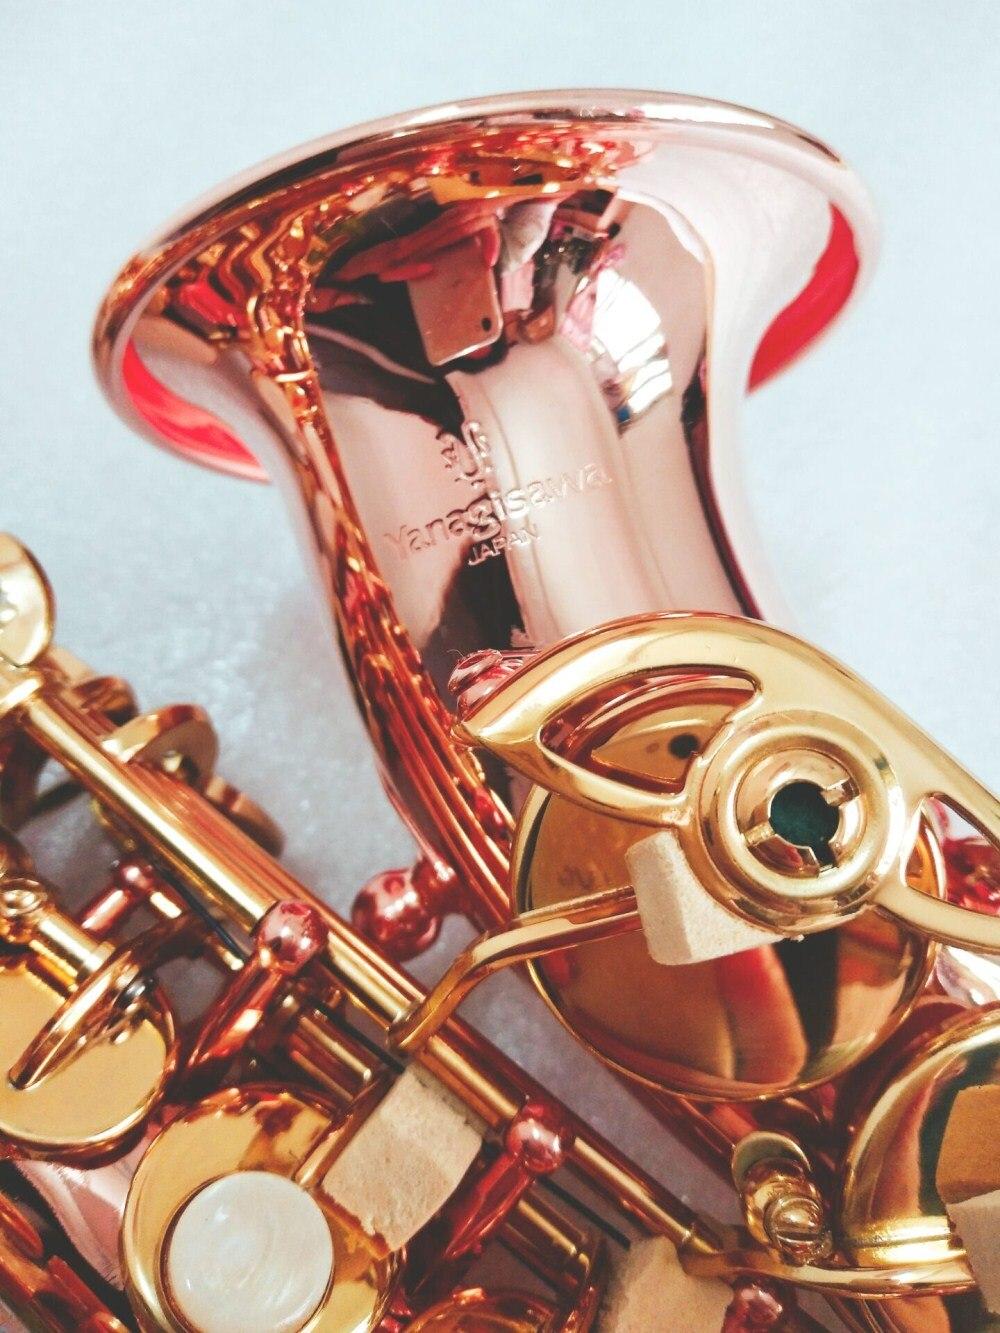 Neue Yanagisawa Sopran Saxophon Bb Phosphor Bronze kupfer Sax SC-992 Yanagisawa Musical Instrument Promotions Freies verschiffen